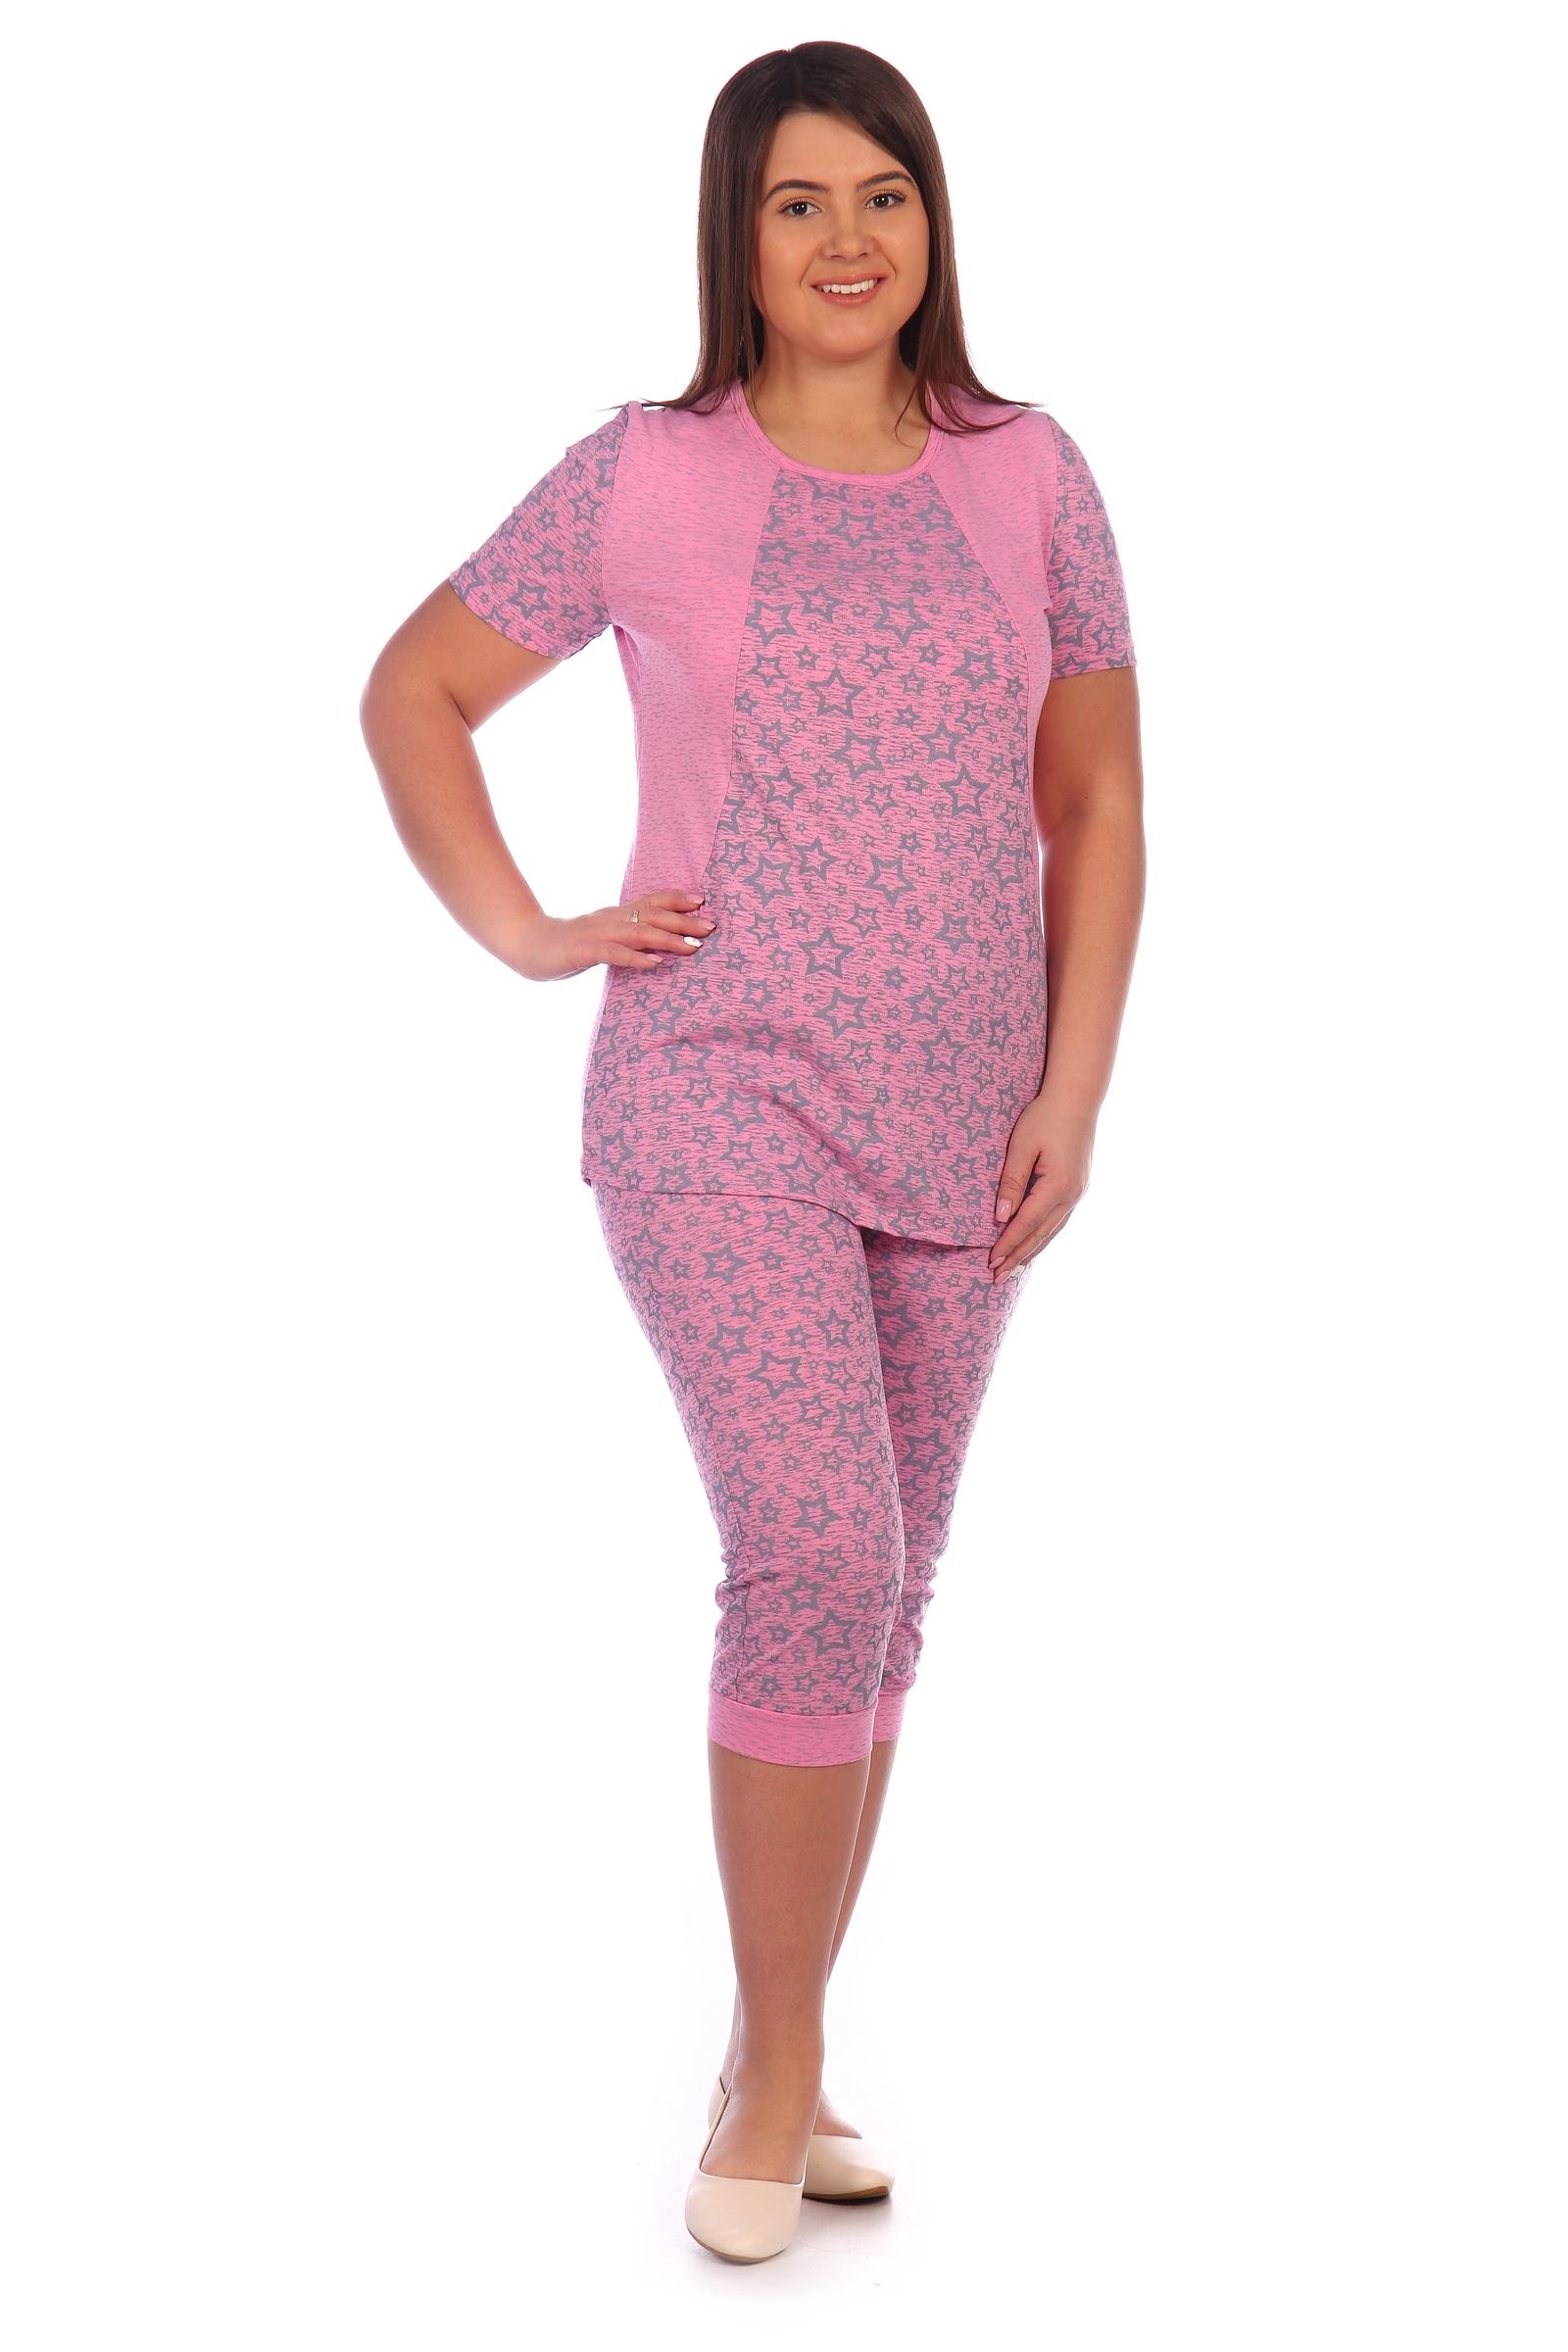 Пижама Трикотаж с любовью пижама с футболкой с короткими рукавами